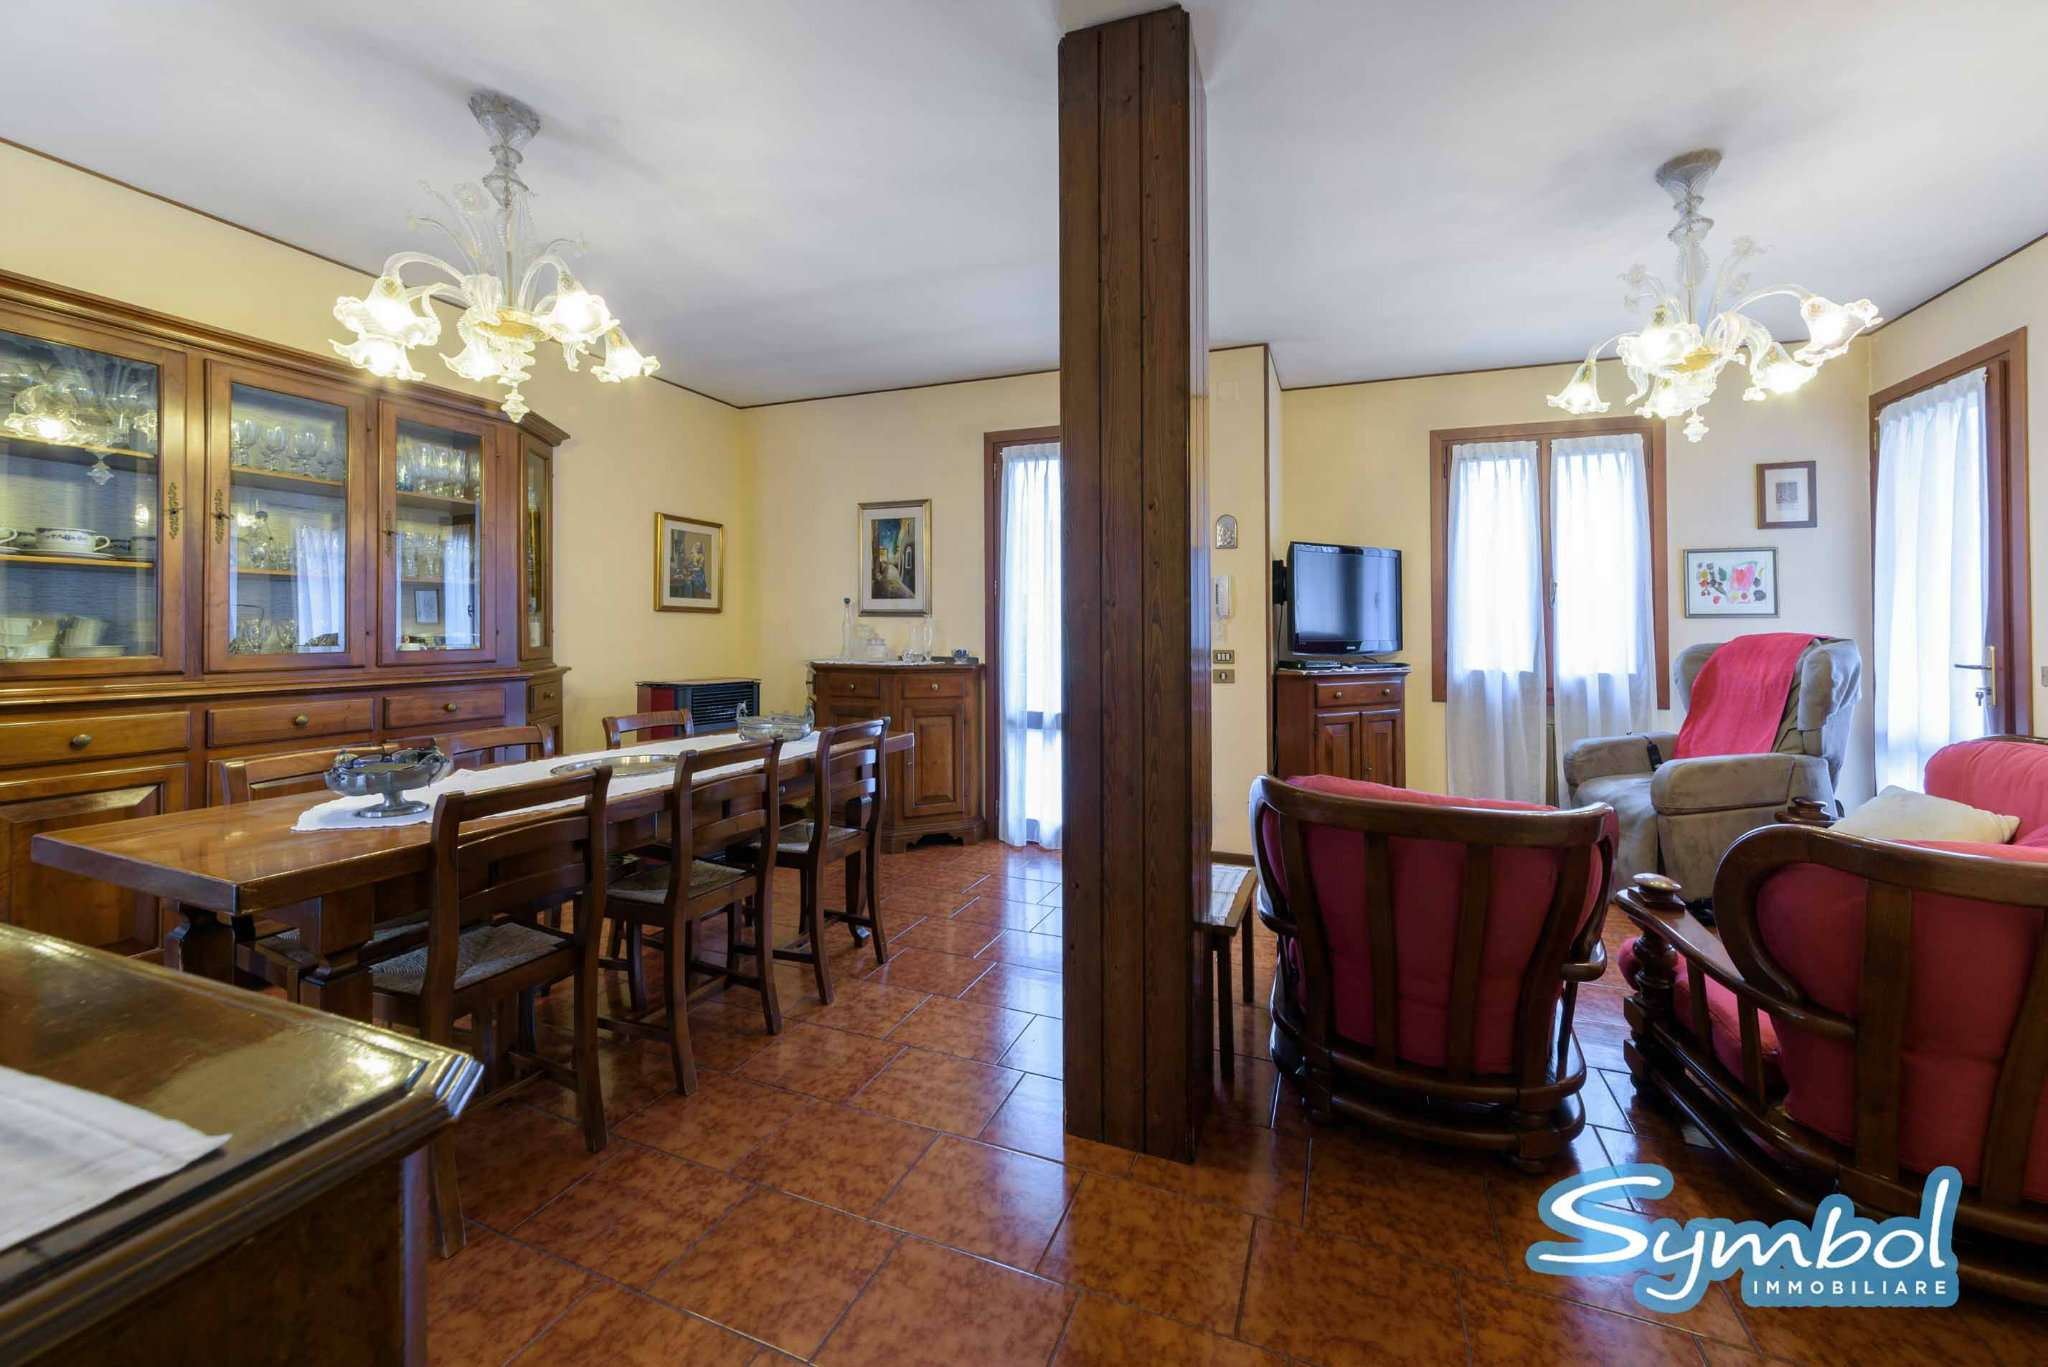 Soluzione Semindipendente in vendita a Salzano, 6 locali, prezzo € 242.000 | Cambio Casa.it